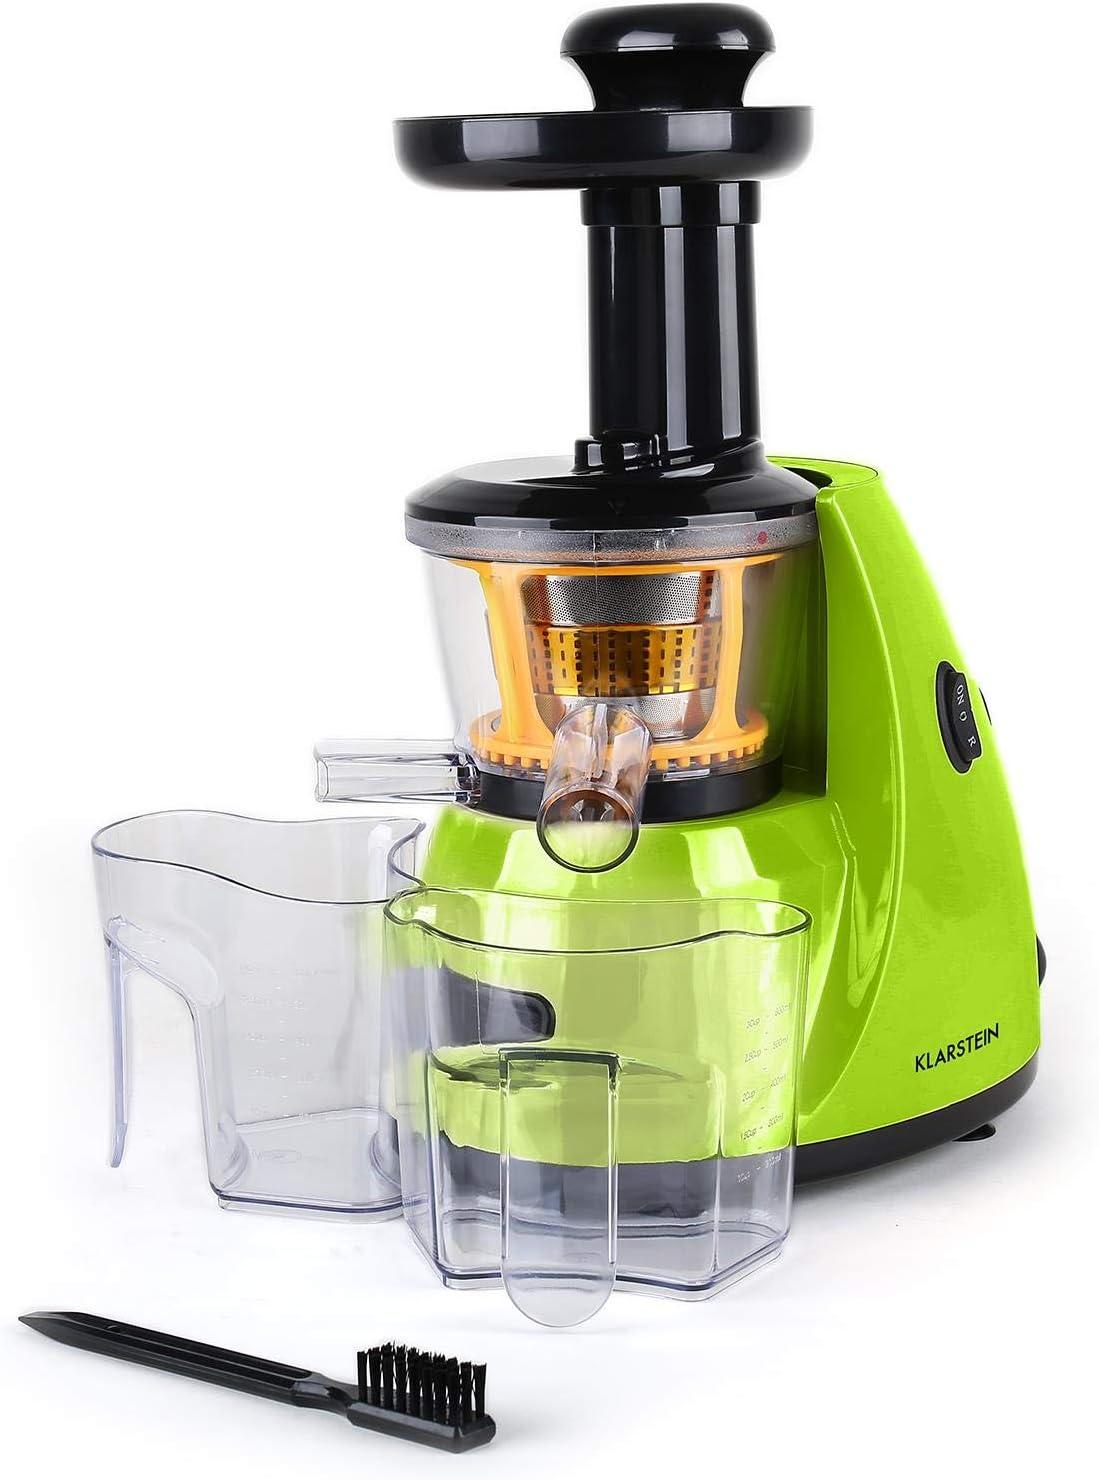 Klarstein Fruitpresso Saftpresse licuadora Vertical (150W Potencia, 70 RPM/min, 600ml Capacidad, Separador Pulpa, 2 velocidades, Accesorios, Pilon, receptaculos, Cepillo y Filtro, Verde)